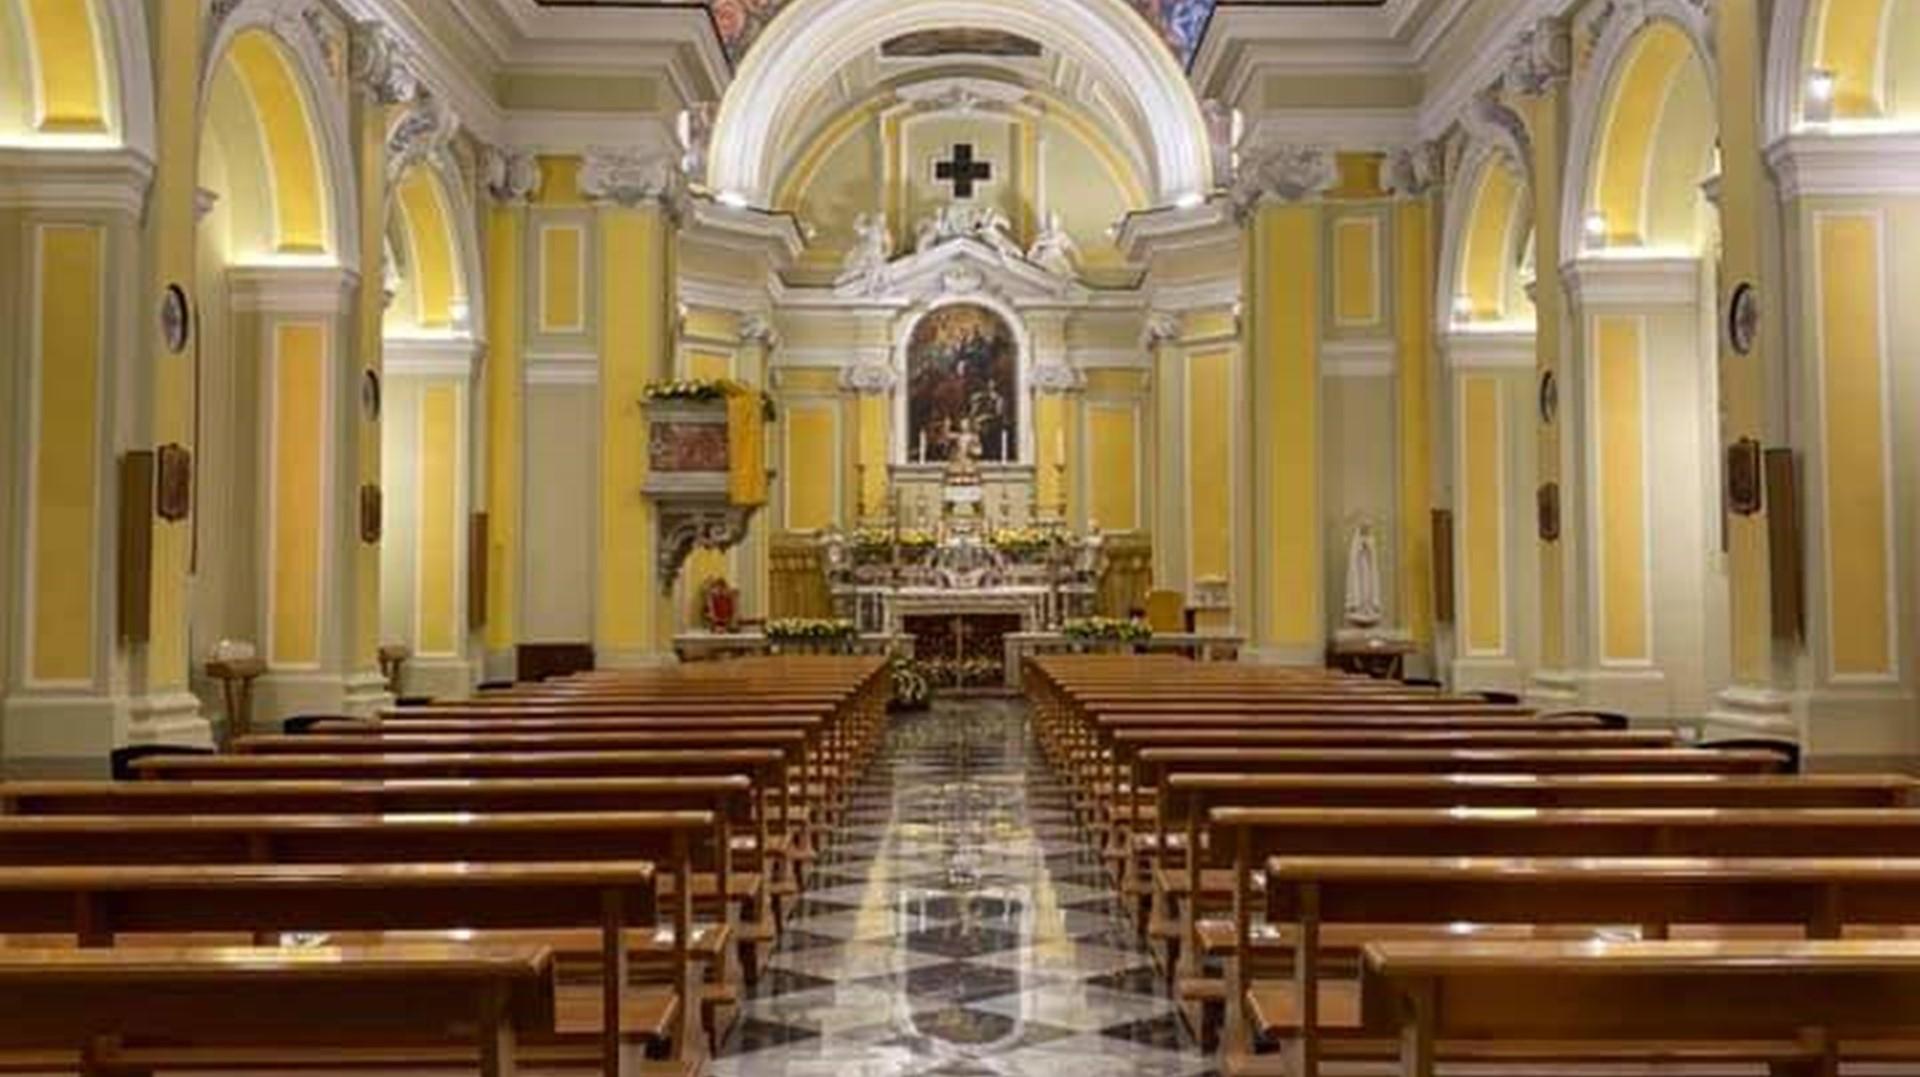 Restauro degli interni del Duomo di Vietri sul Mare (SA)